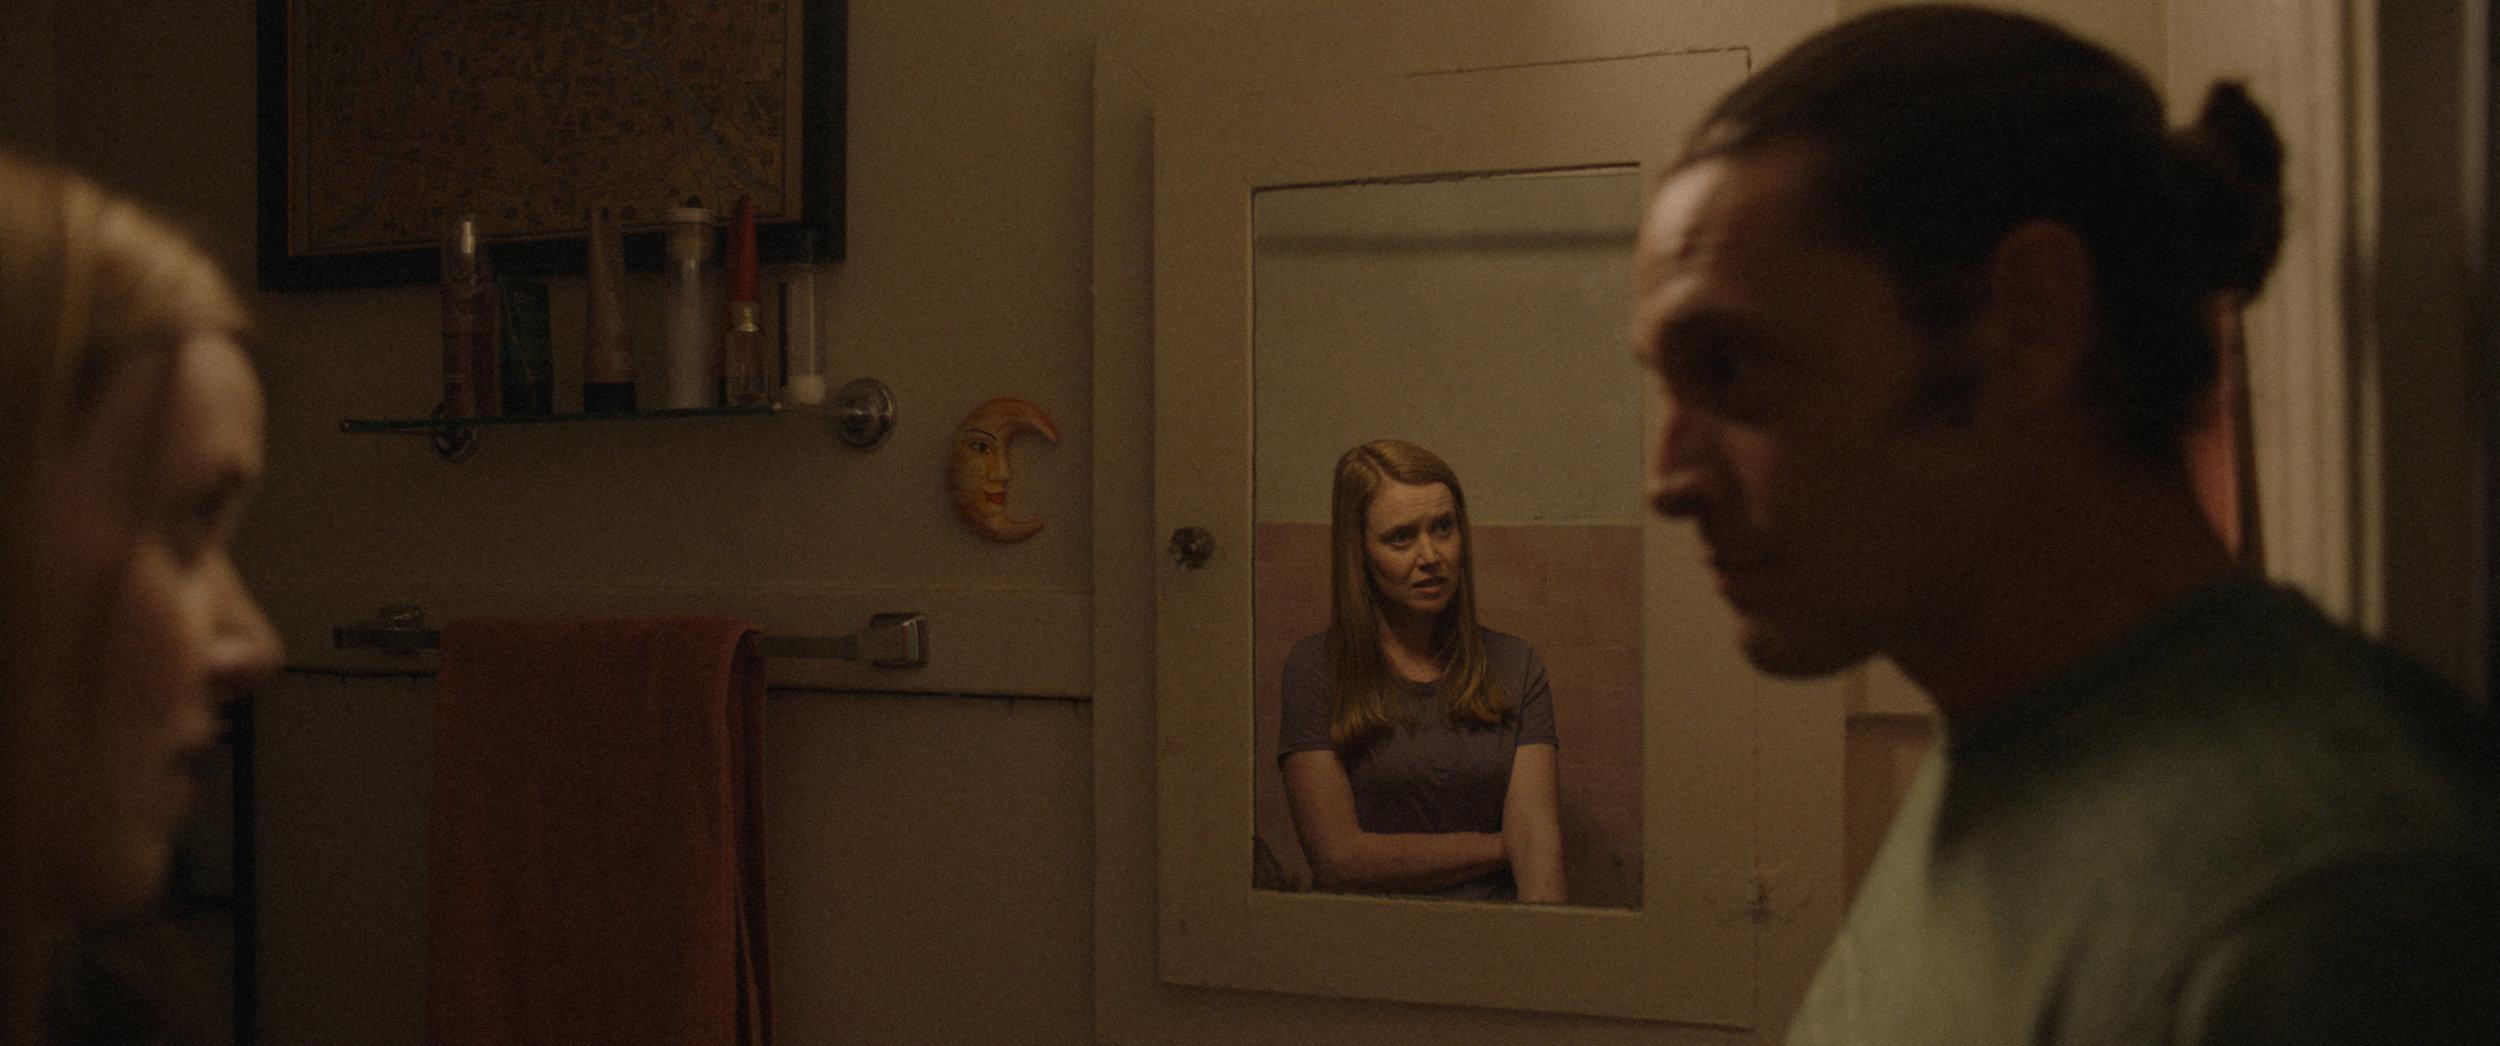 Mirror shot_1.1.4.jpg